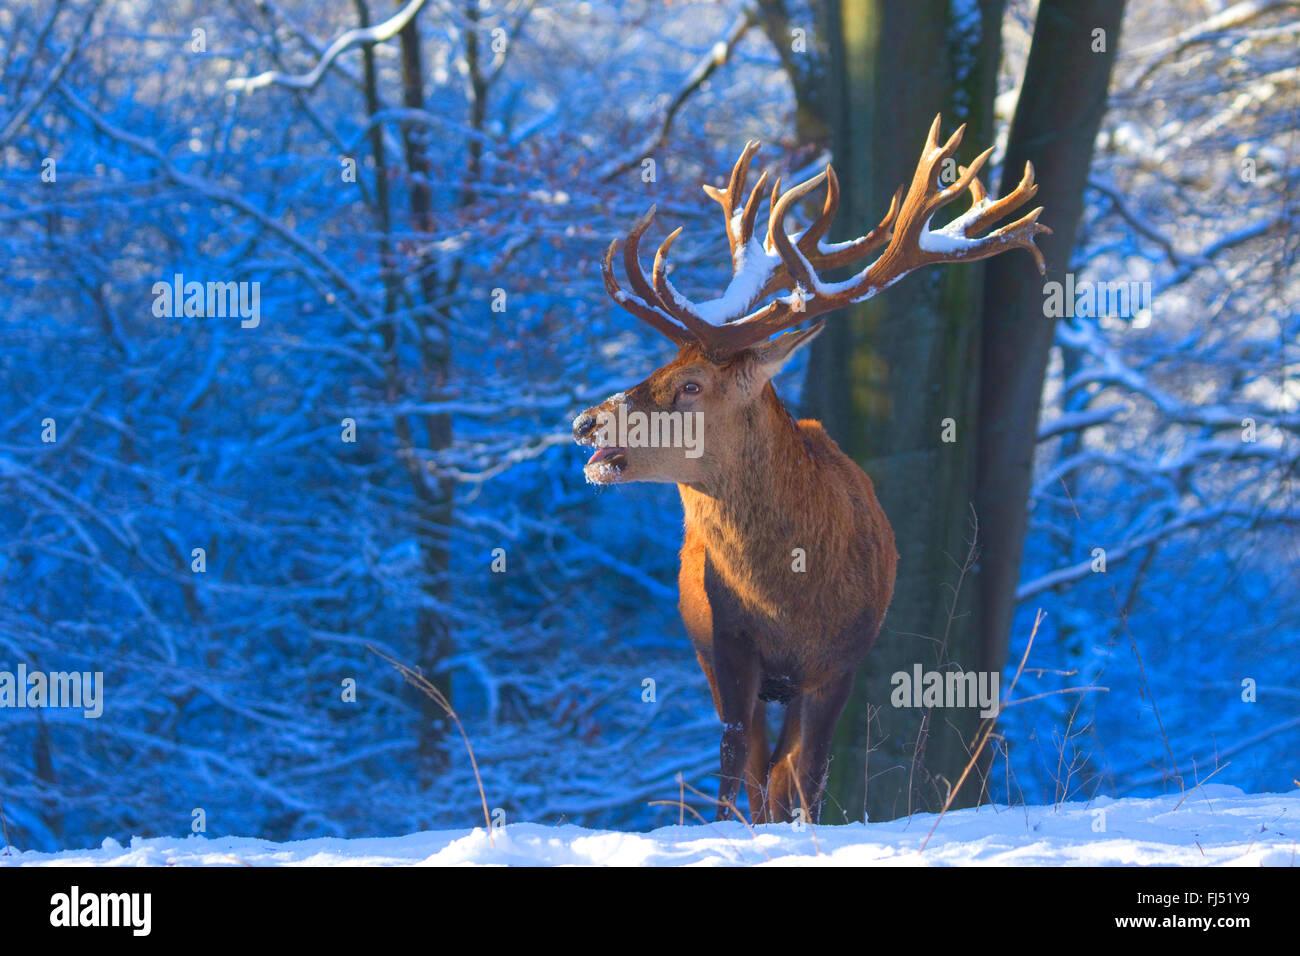 Rothirsch (Cervus Elaphus), beeindruckende Hirsch im Winter, Deutschland, Nordrhein-Westfalen Stockbild